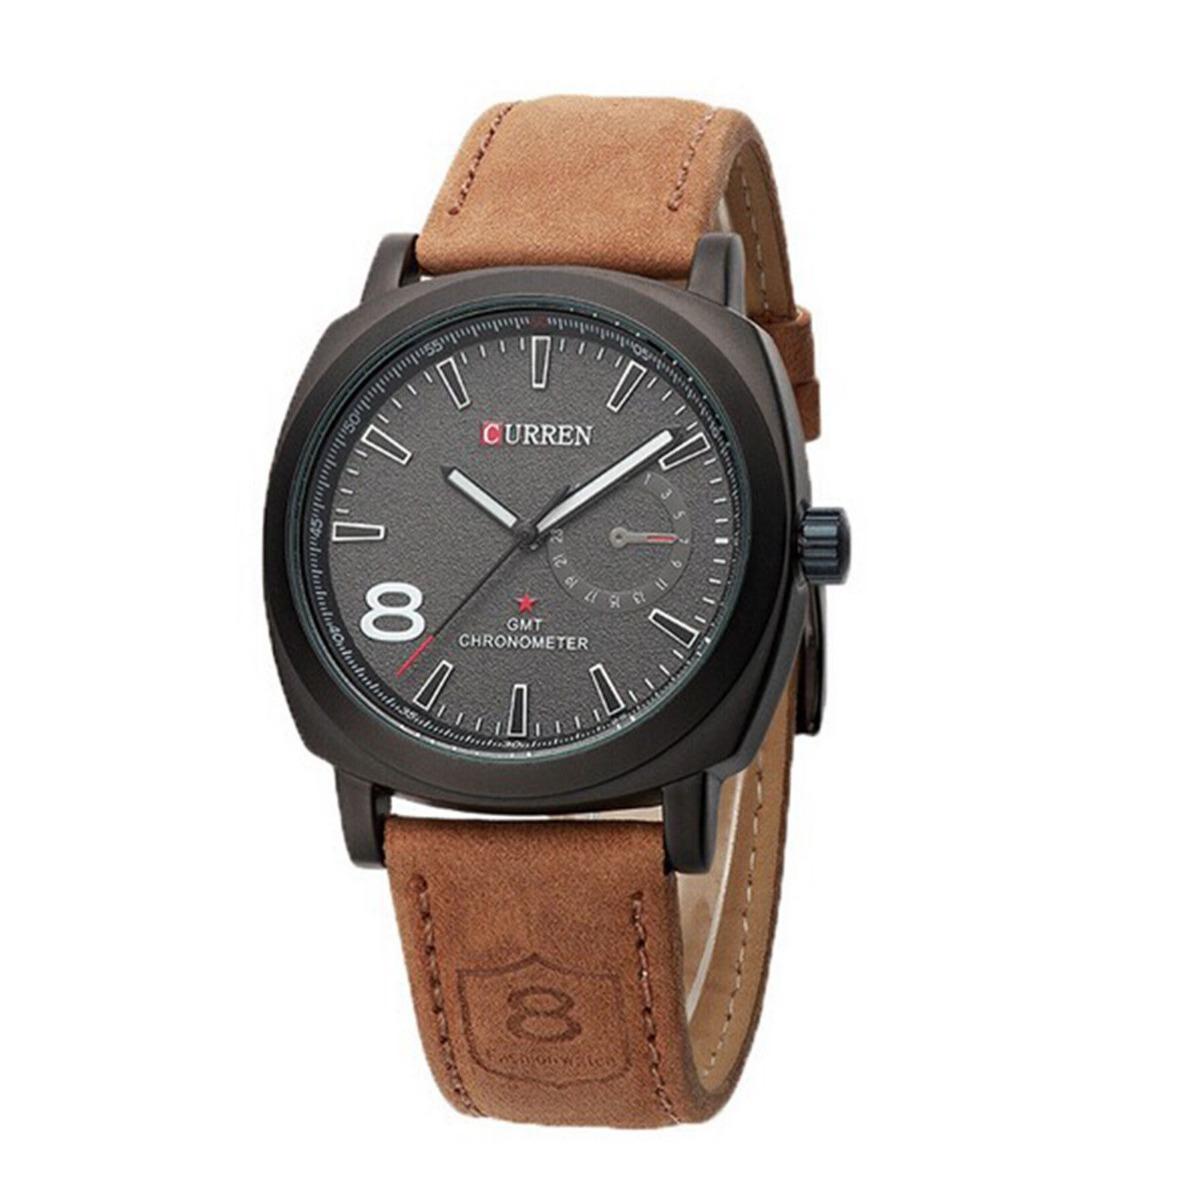 139ed29a594 relógio curren pulseira de couro masculino esportivo militar. Carregando  zoom.